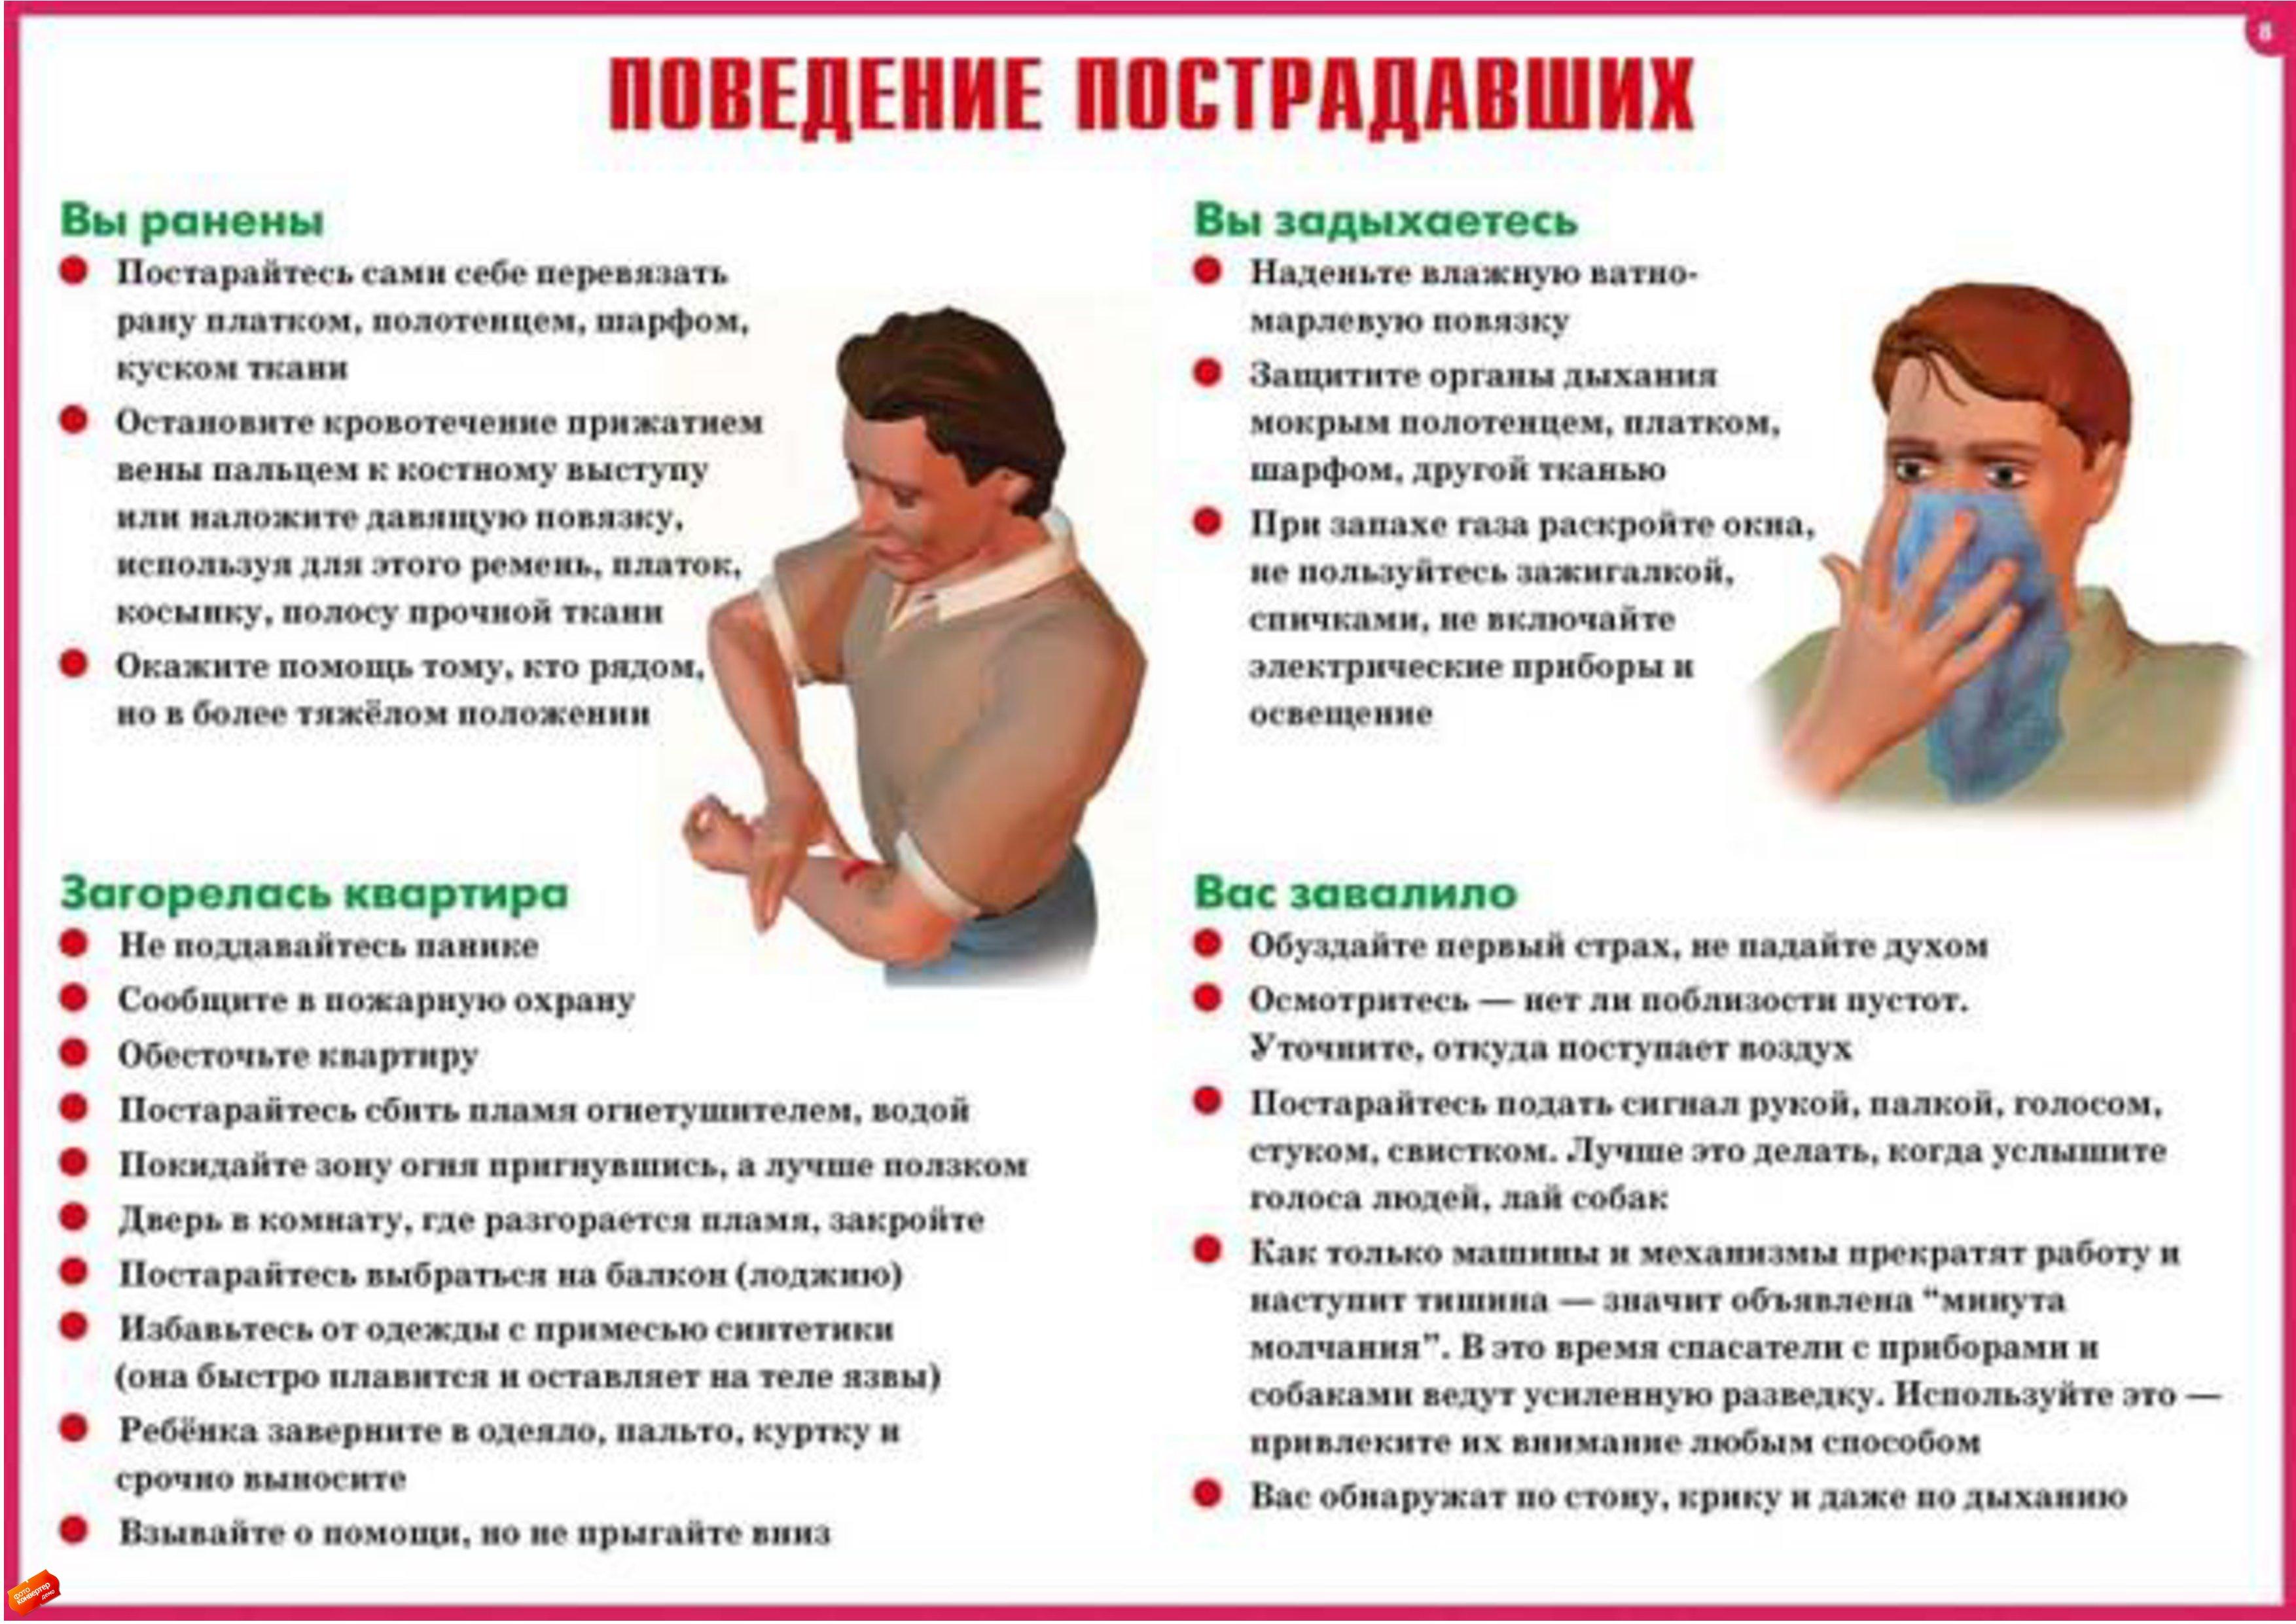 Инструкцией по предупреждению попадания посторонних предметов в продукцию